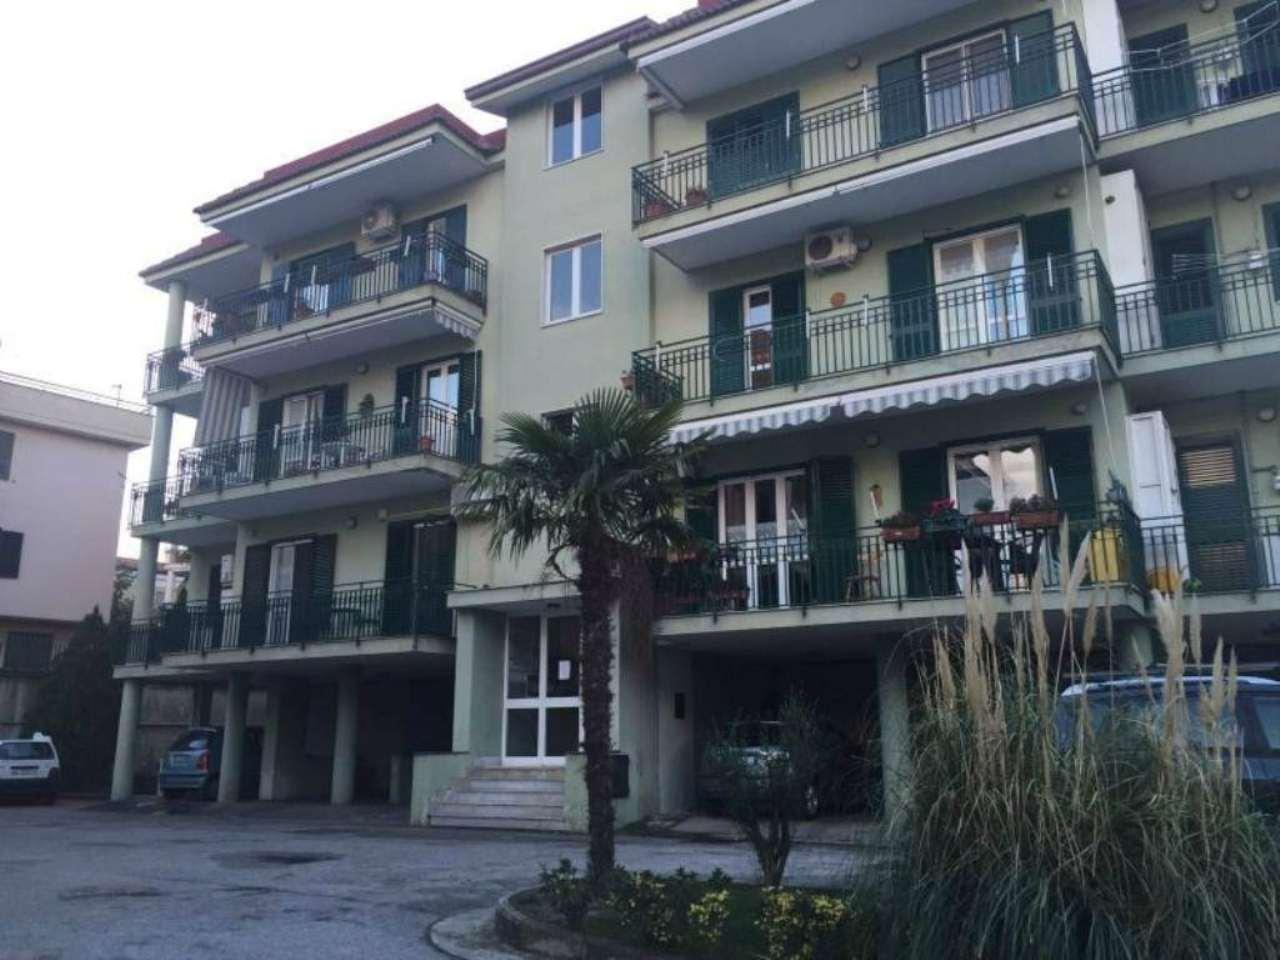 Appartamento in vendita a Somma Vesuviana, 4 locali, prezzo € 250.000 | Cambio Casa.it